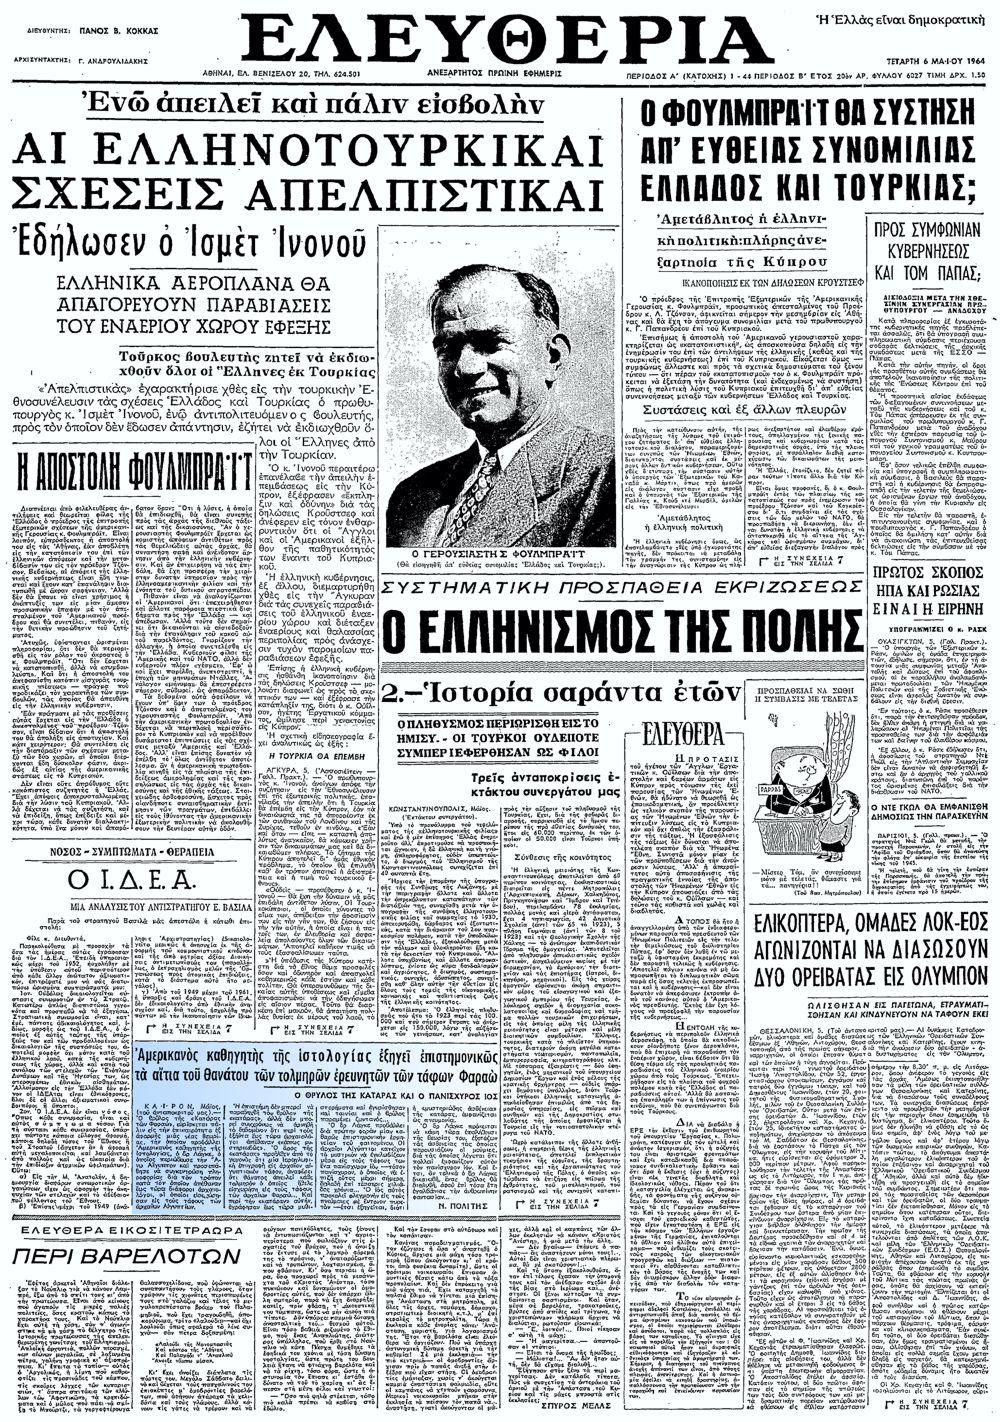 """Το άρθρο, όπως δημοσιεύθηκε στην εφημερίδα """"ΕΛΕΥΘΕΡΙΑ"""", στις 06/05/1964"""